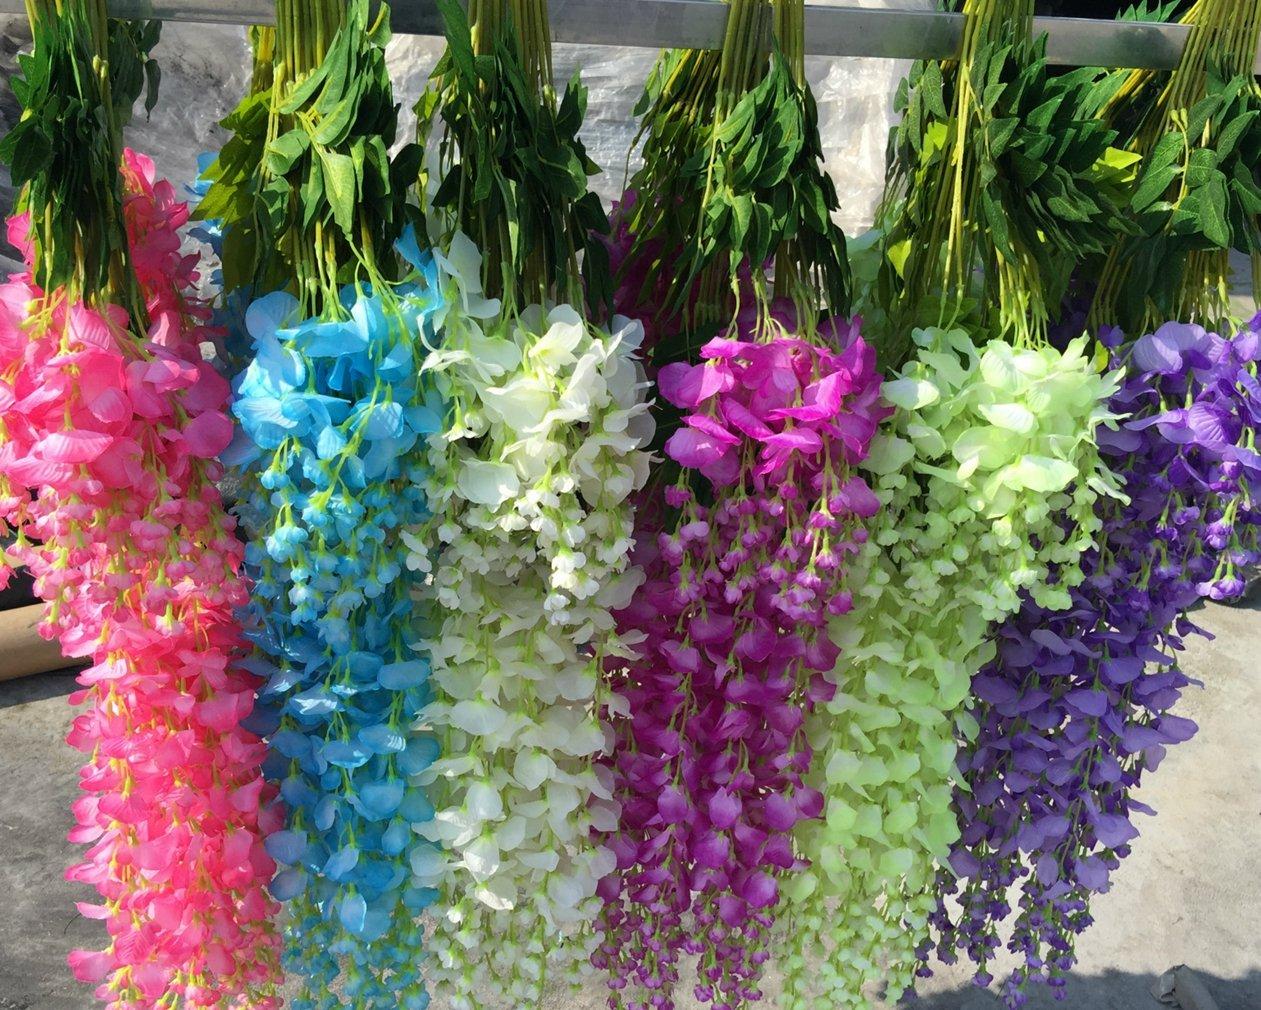 Set de 12 plantas (102 cm) Artificiales Glicinias Seda Colgante Para Decoración Enredadera Flores colgantes Jardín Para Comedor Salón Fiesta Boda(Rosa/Rojo): Amazon.es: Hogar